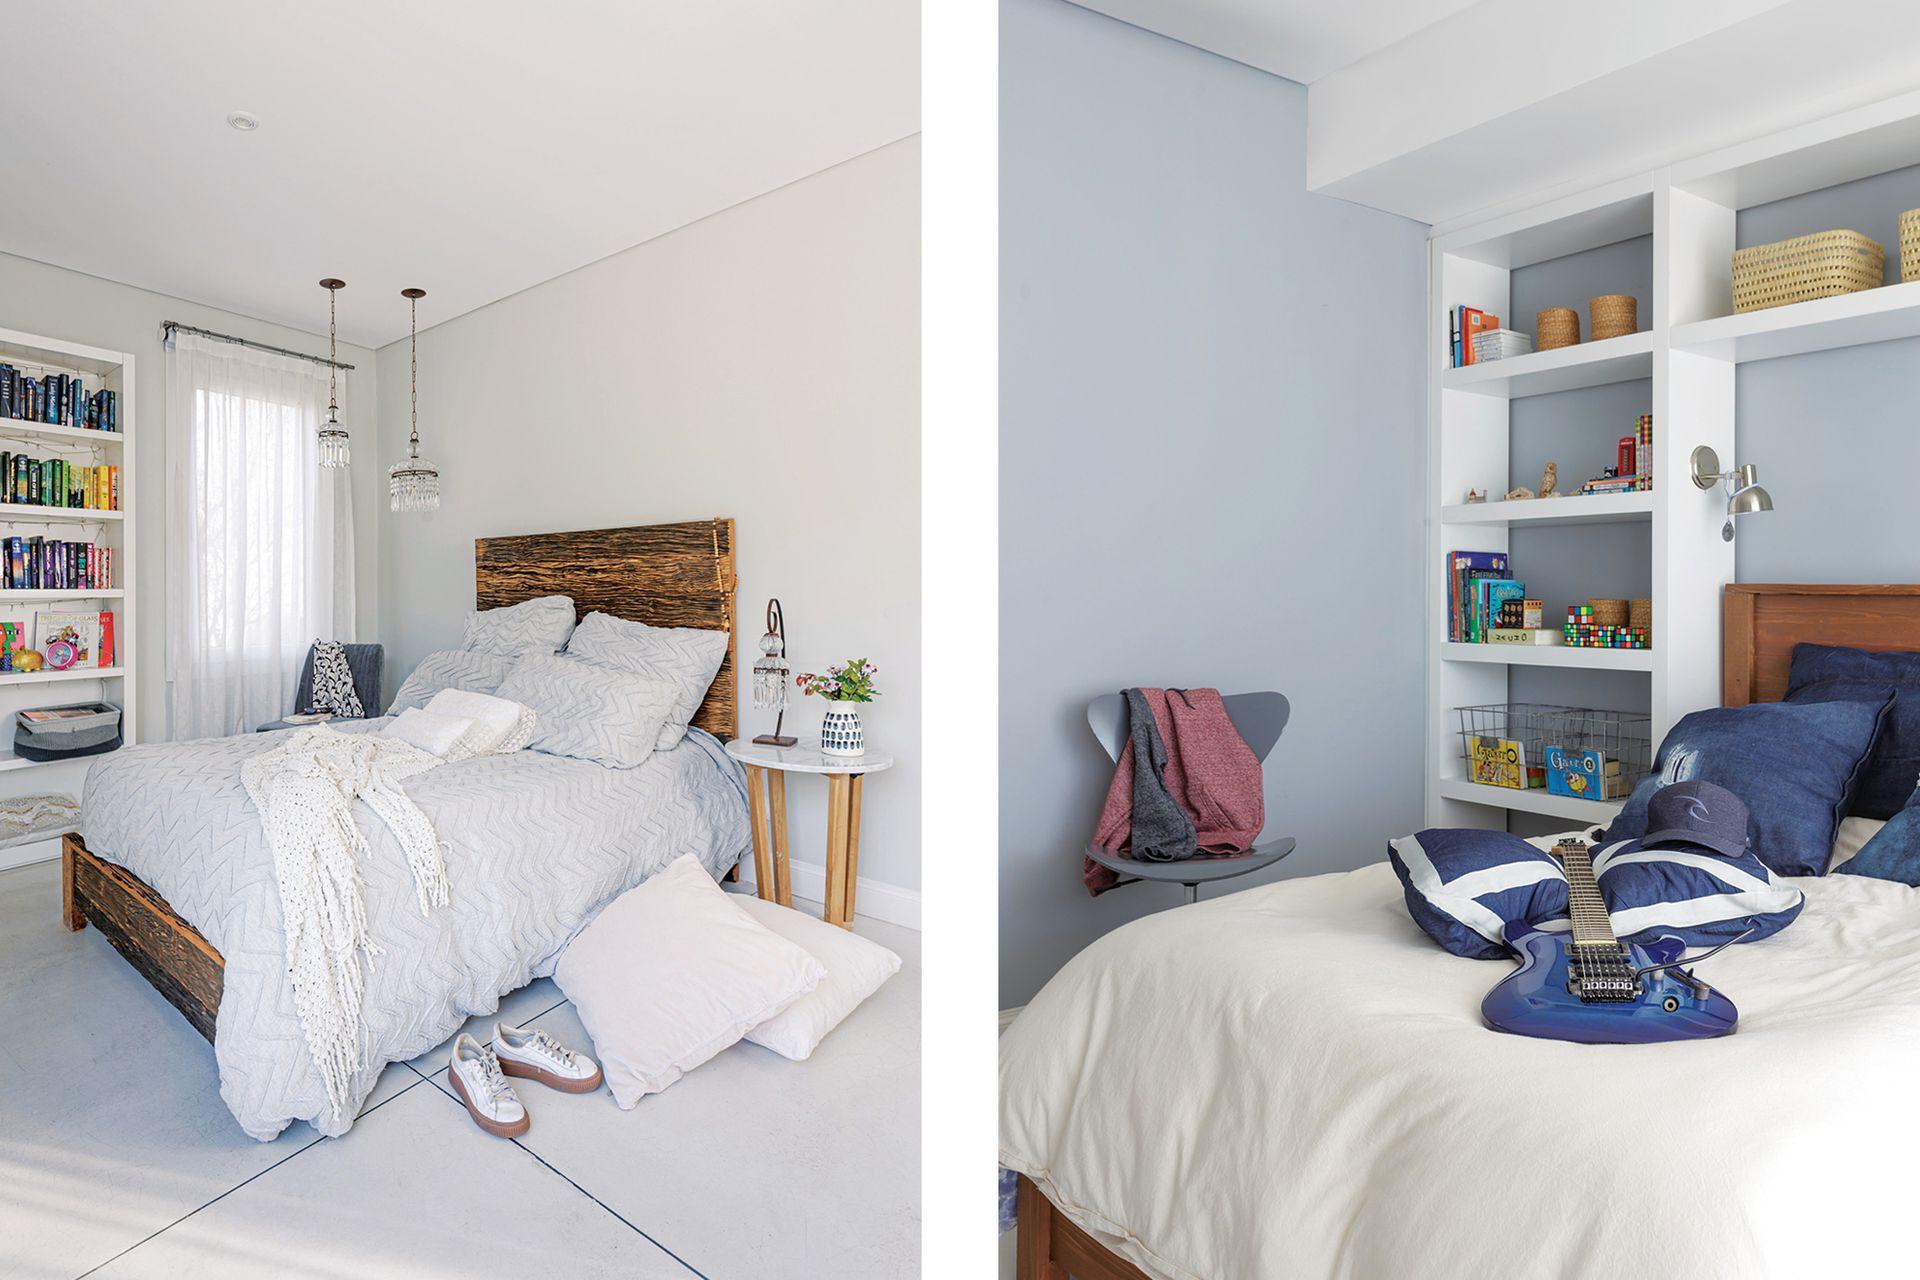 En el cuarto del hijo, cama de madera y mueble laqueado blanco (Constanza Serantes) con almohadones azules (Yrigoyen).